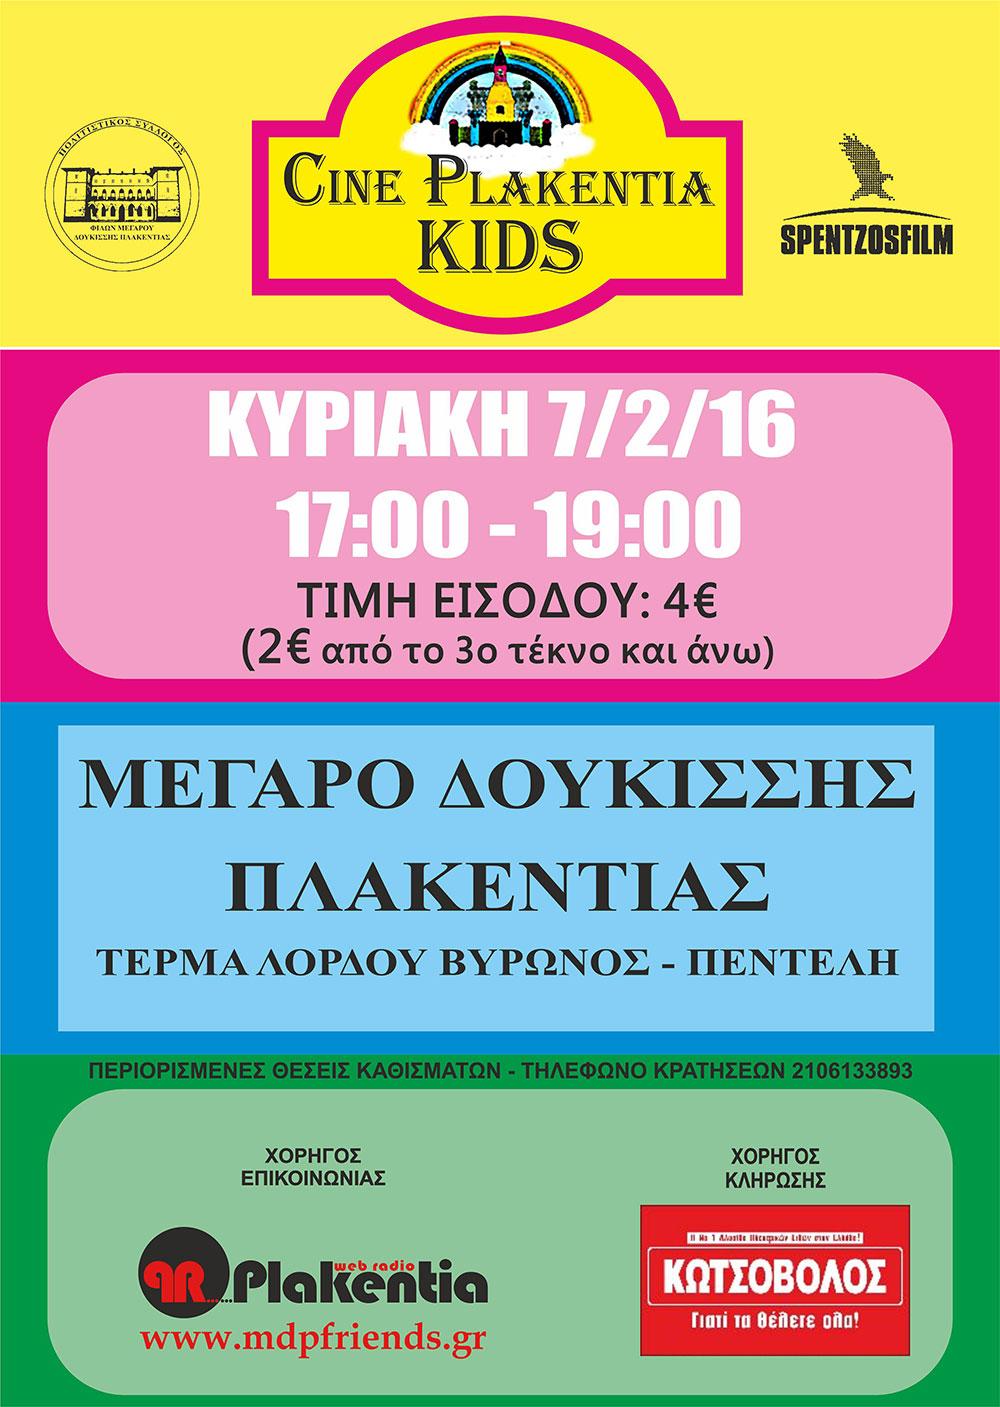 Ταινία για παιδιά 07-02-2016